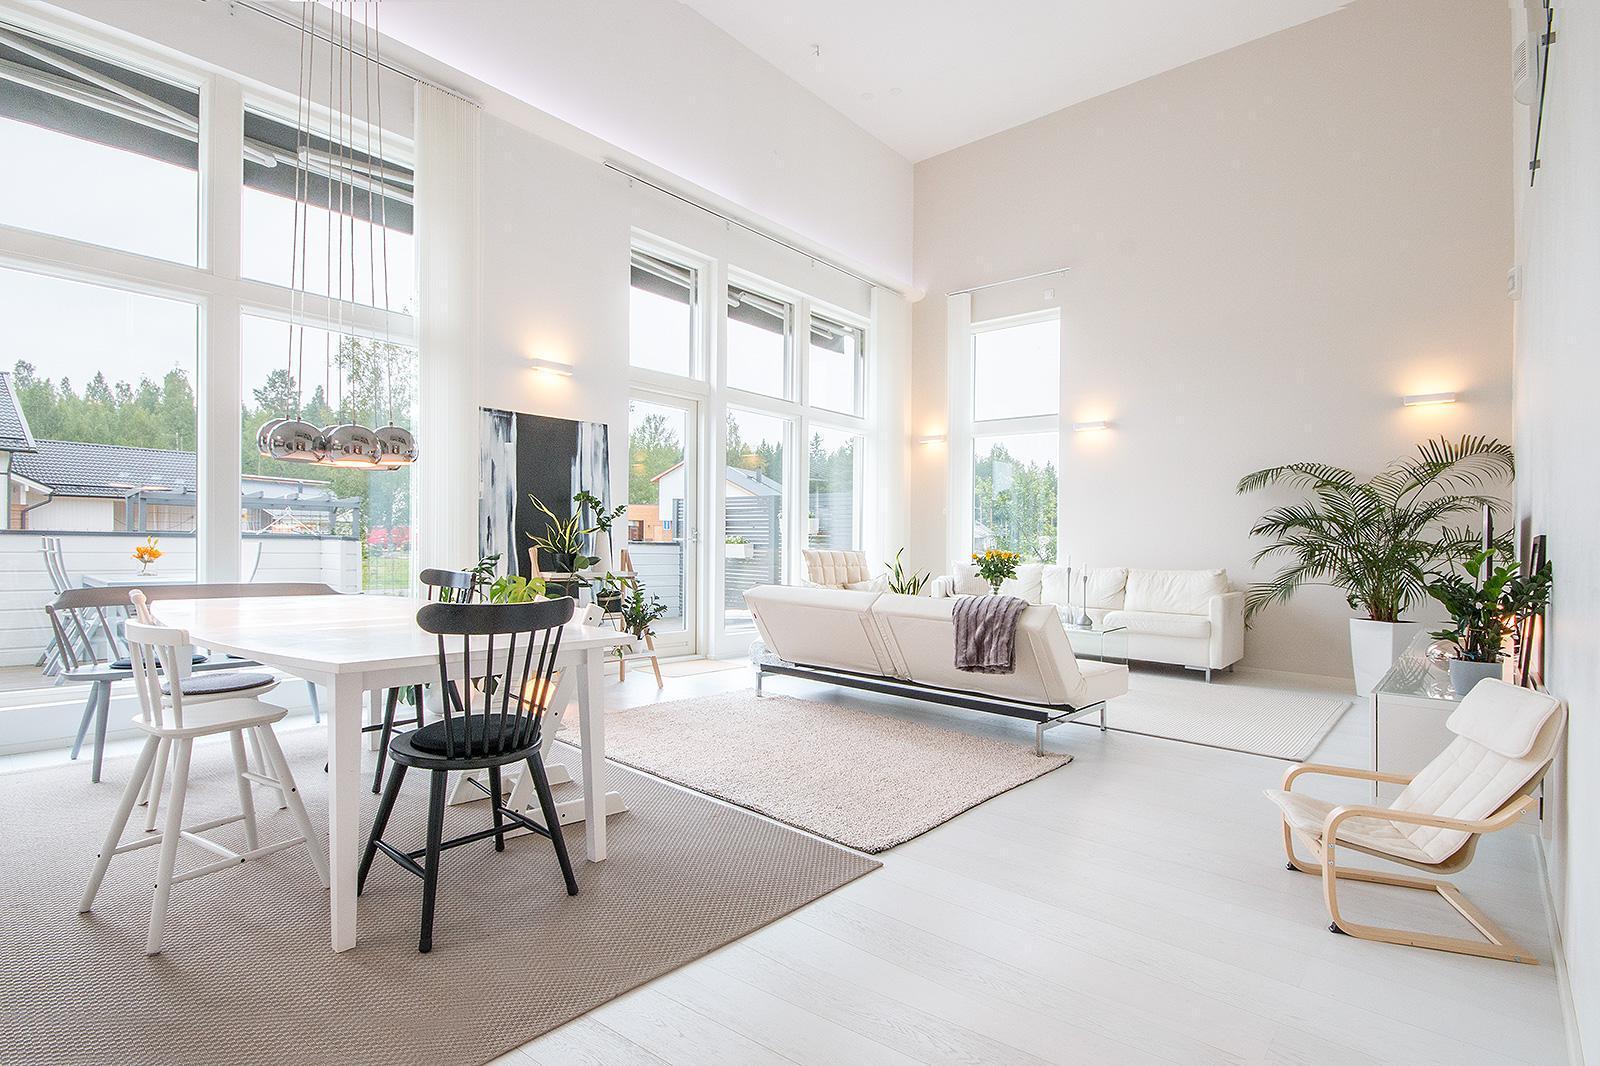 Kauniisti sisustettu korkea olohuone  Etuovi com Ideat & vinkit